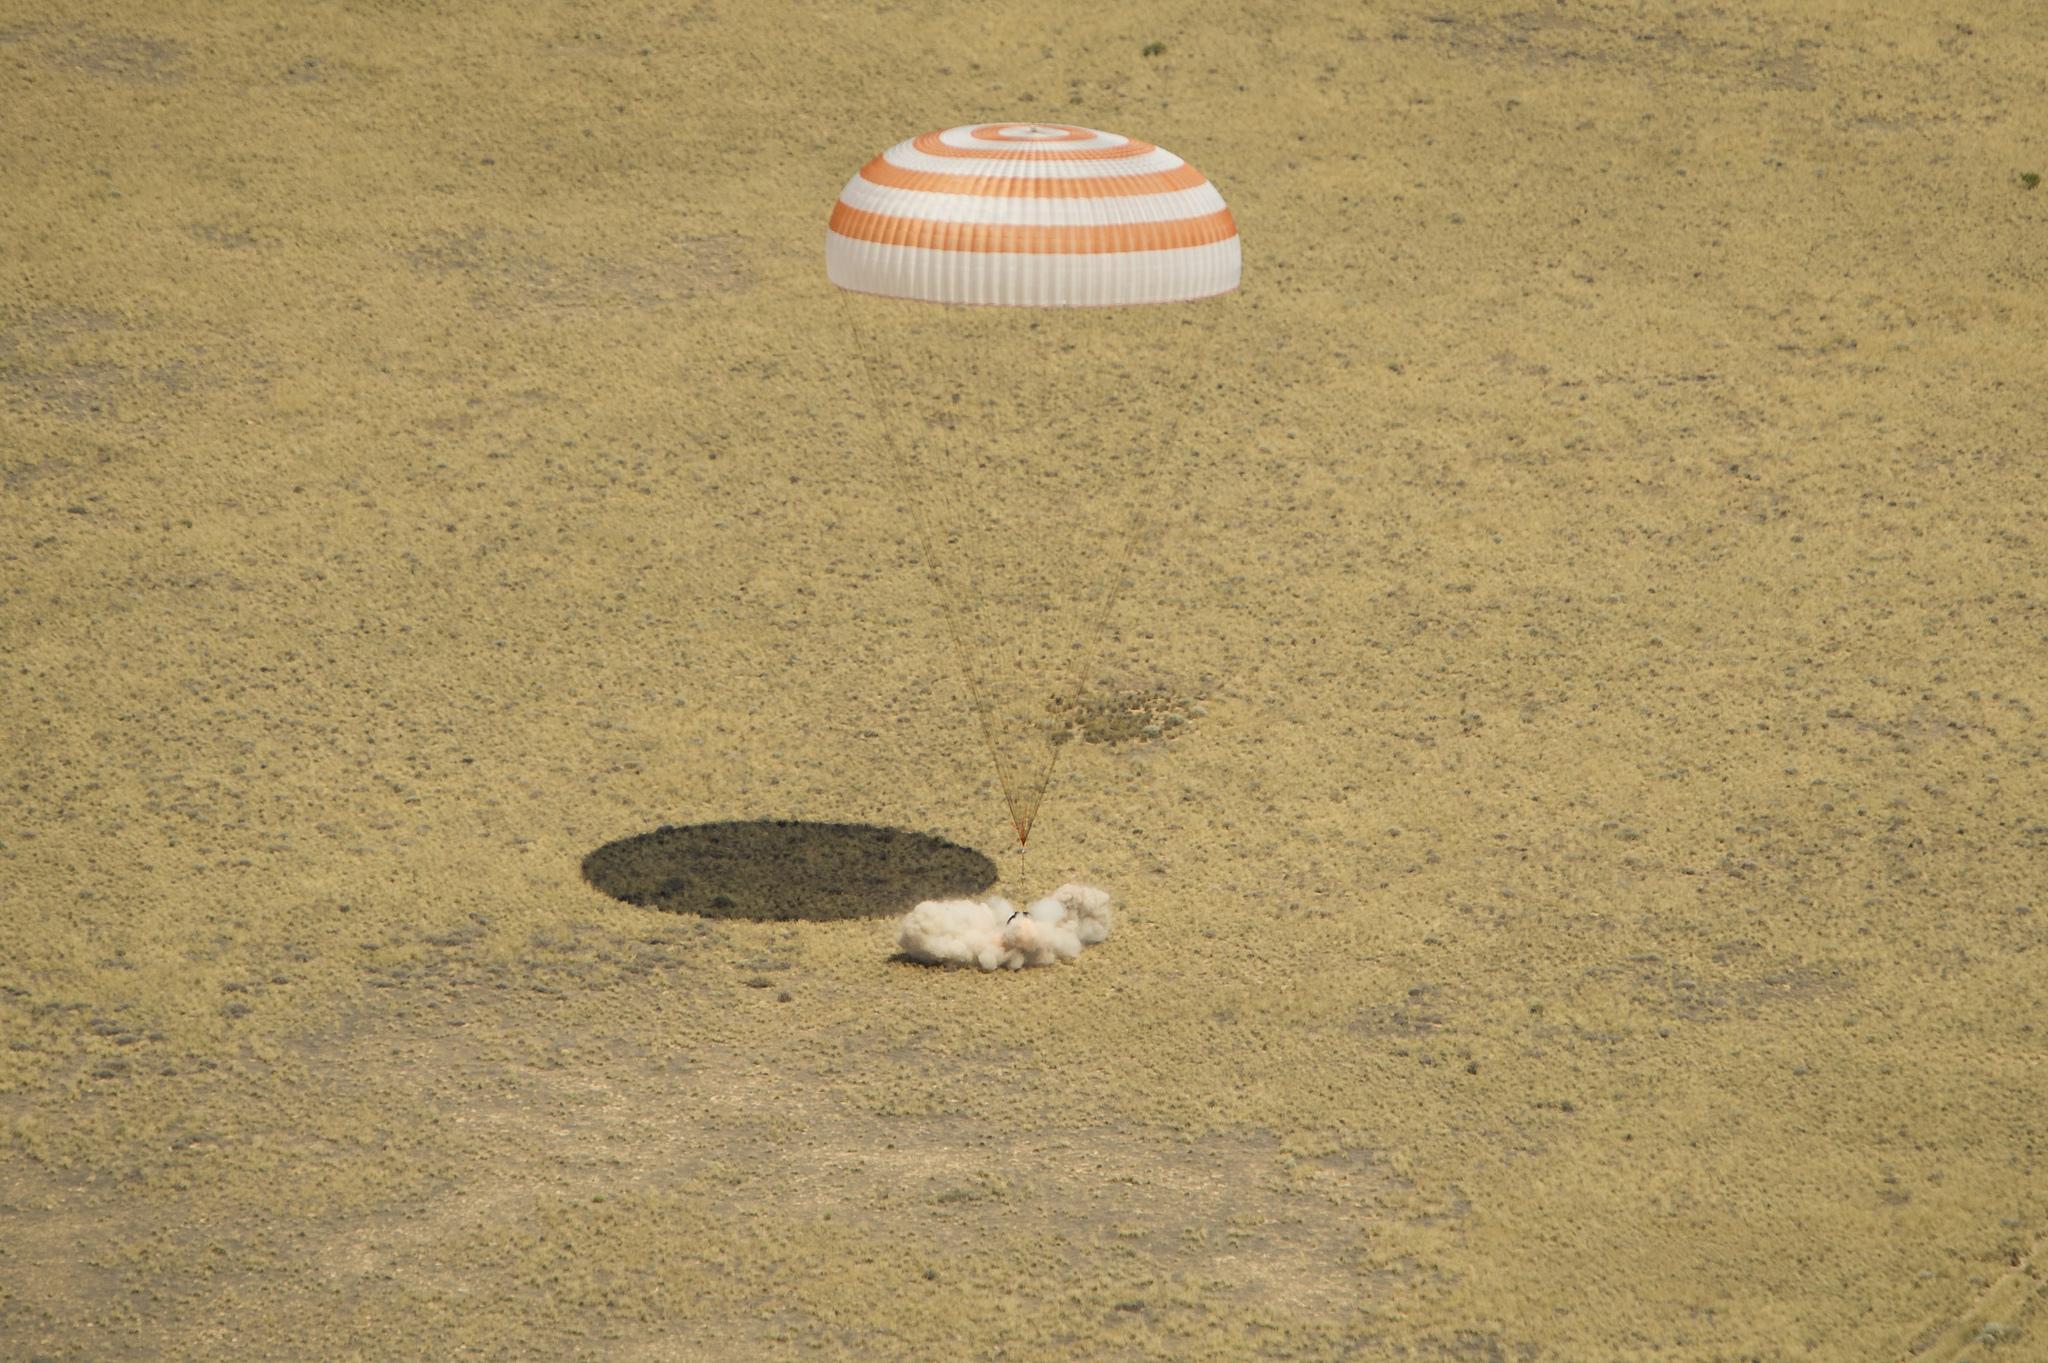 Expedition 31: Soyuz Spacecraft Touchdown!